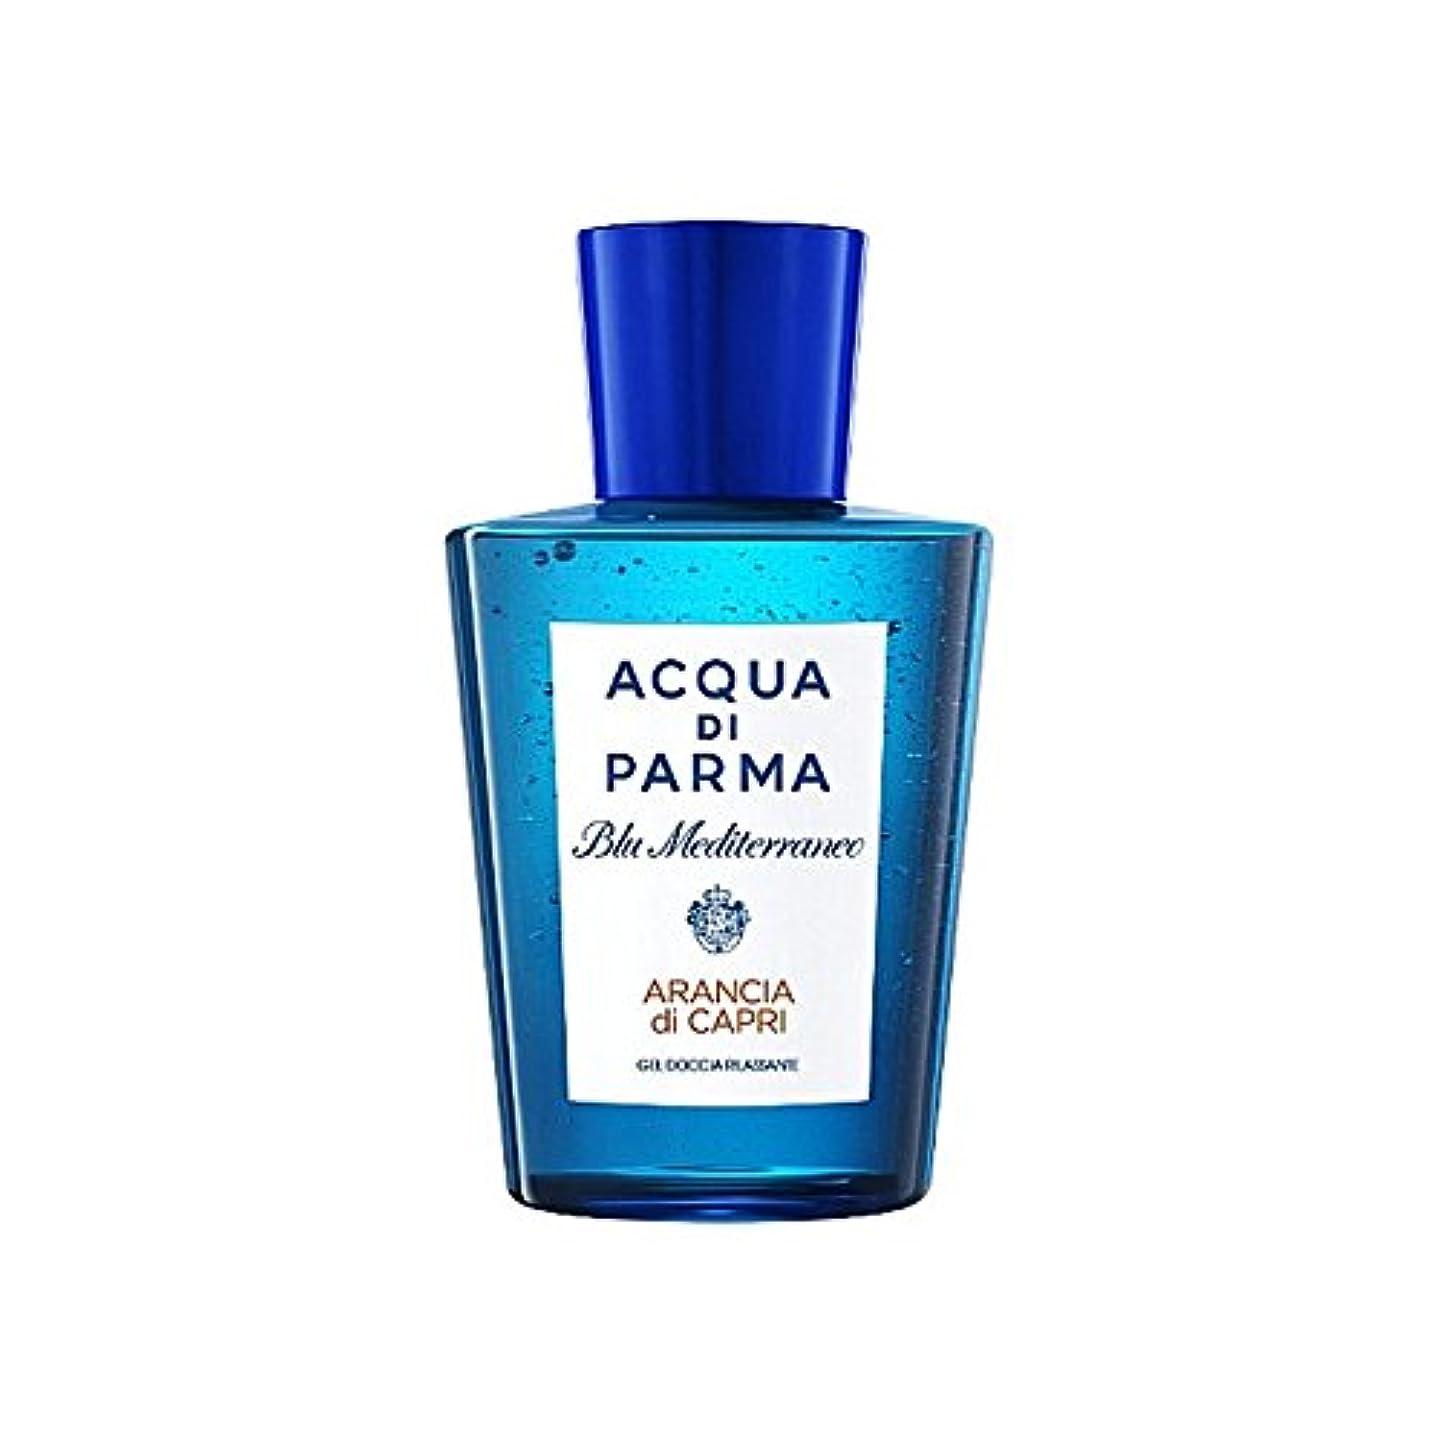 優れました毛皮合理化Acqua Di Parma Blu Mediterraneo Arancia Di Capri Shower Gel 200ml - アクアディパルマブルーメディのアランシアジカプリシャワージェル200 [並行輸入品]